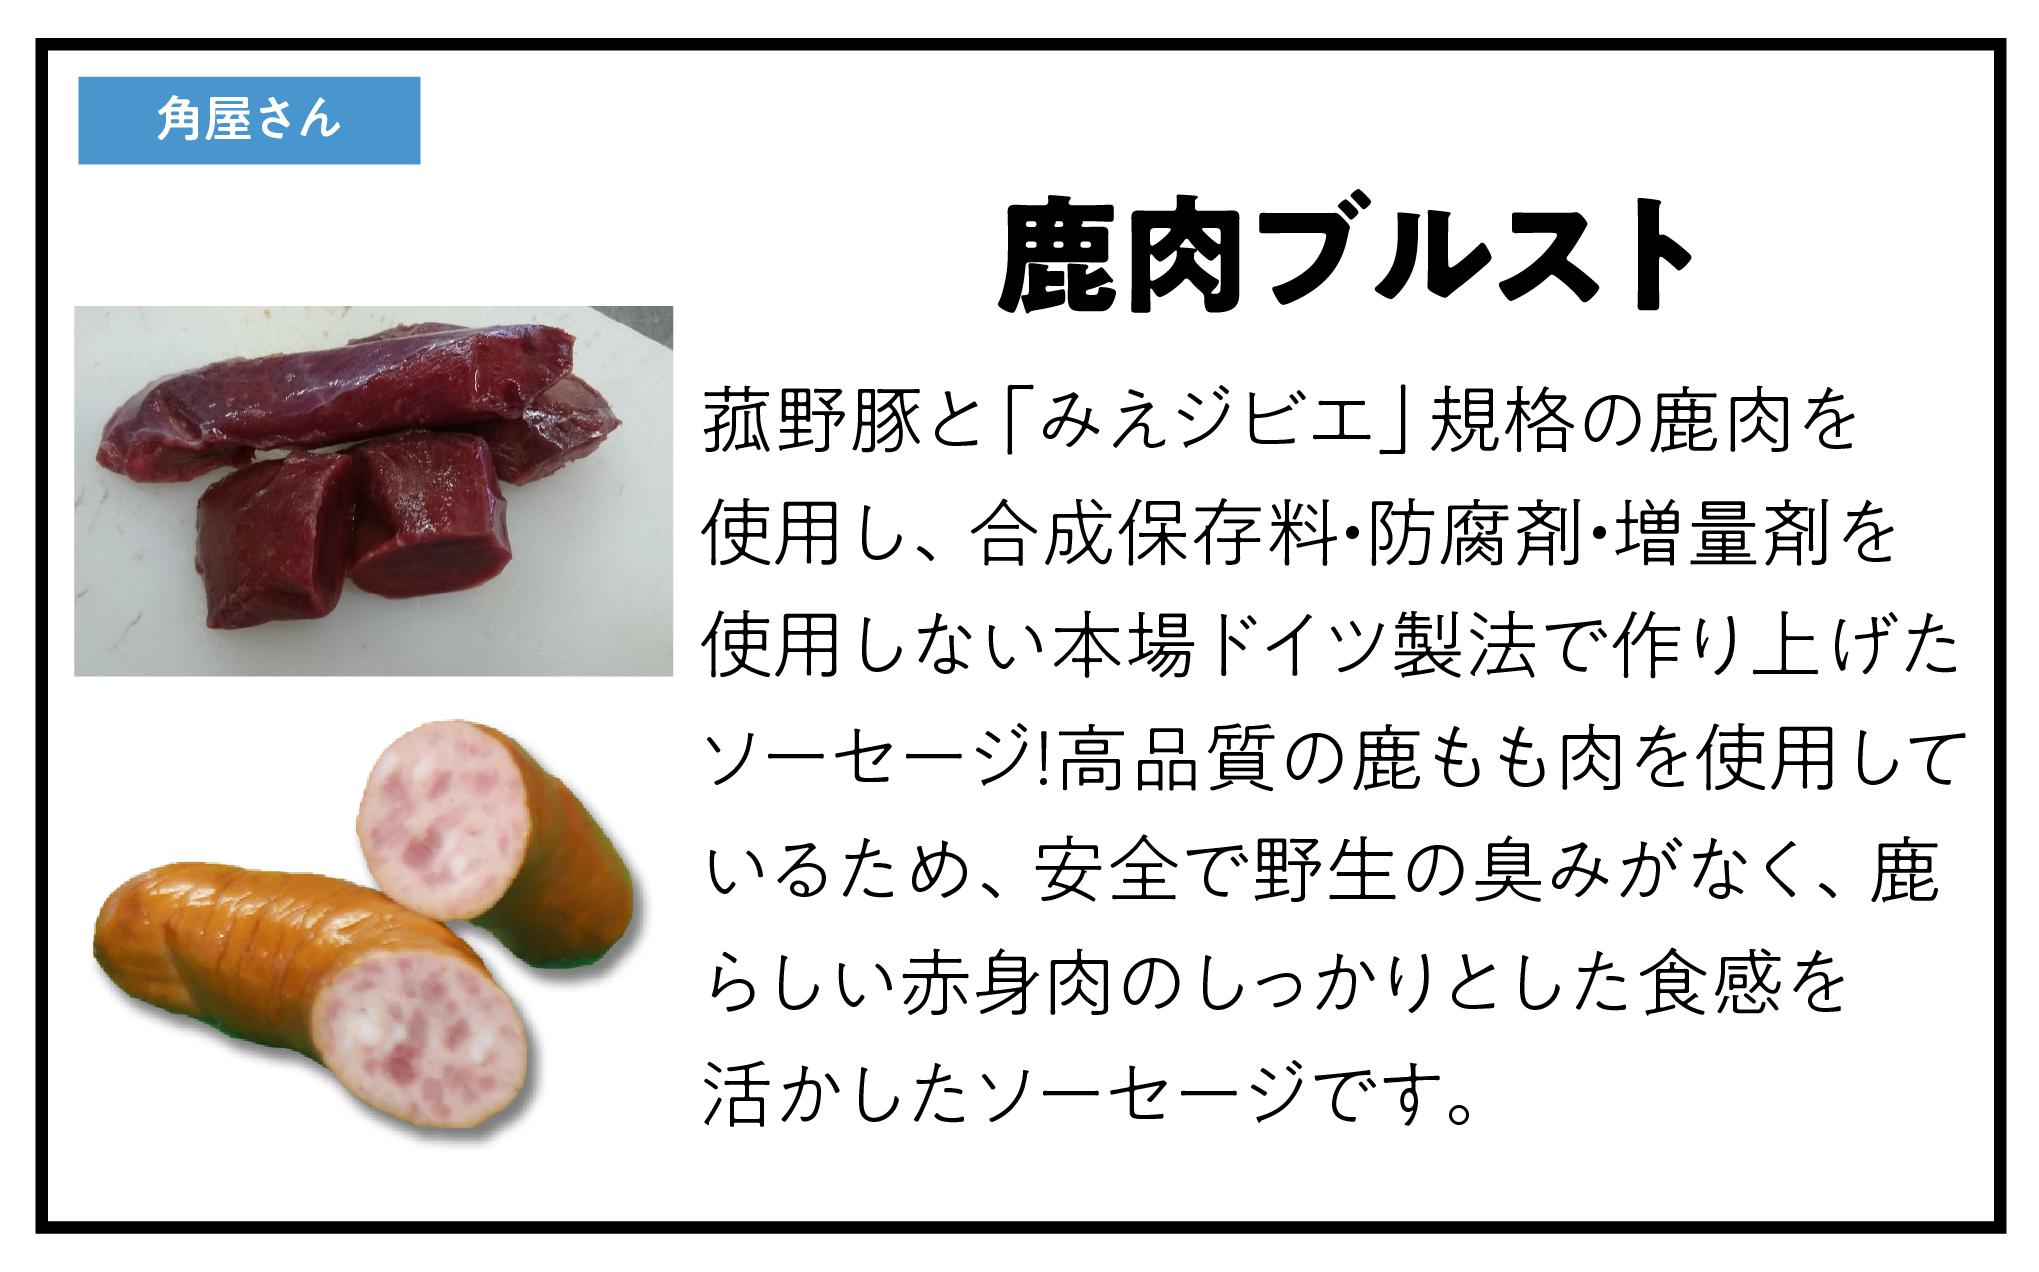 菰野豚とみえジビエ規格の鹿肉を使用し、合成保存料・防腐剤・増量剤を使用しない本場ドイツ製法で作り上げたソーセージ。高品質の鹿もも肉を使用しているため、安全で野生の臭みがなく、鹿らしい赤身肉のしっかりとした食感を活かしたソーセージです。